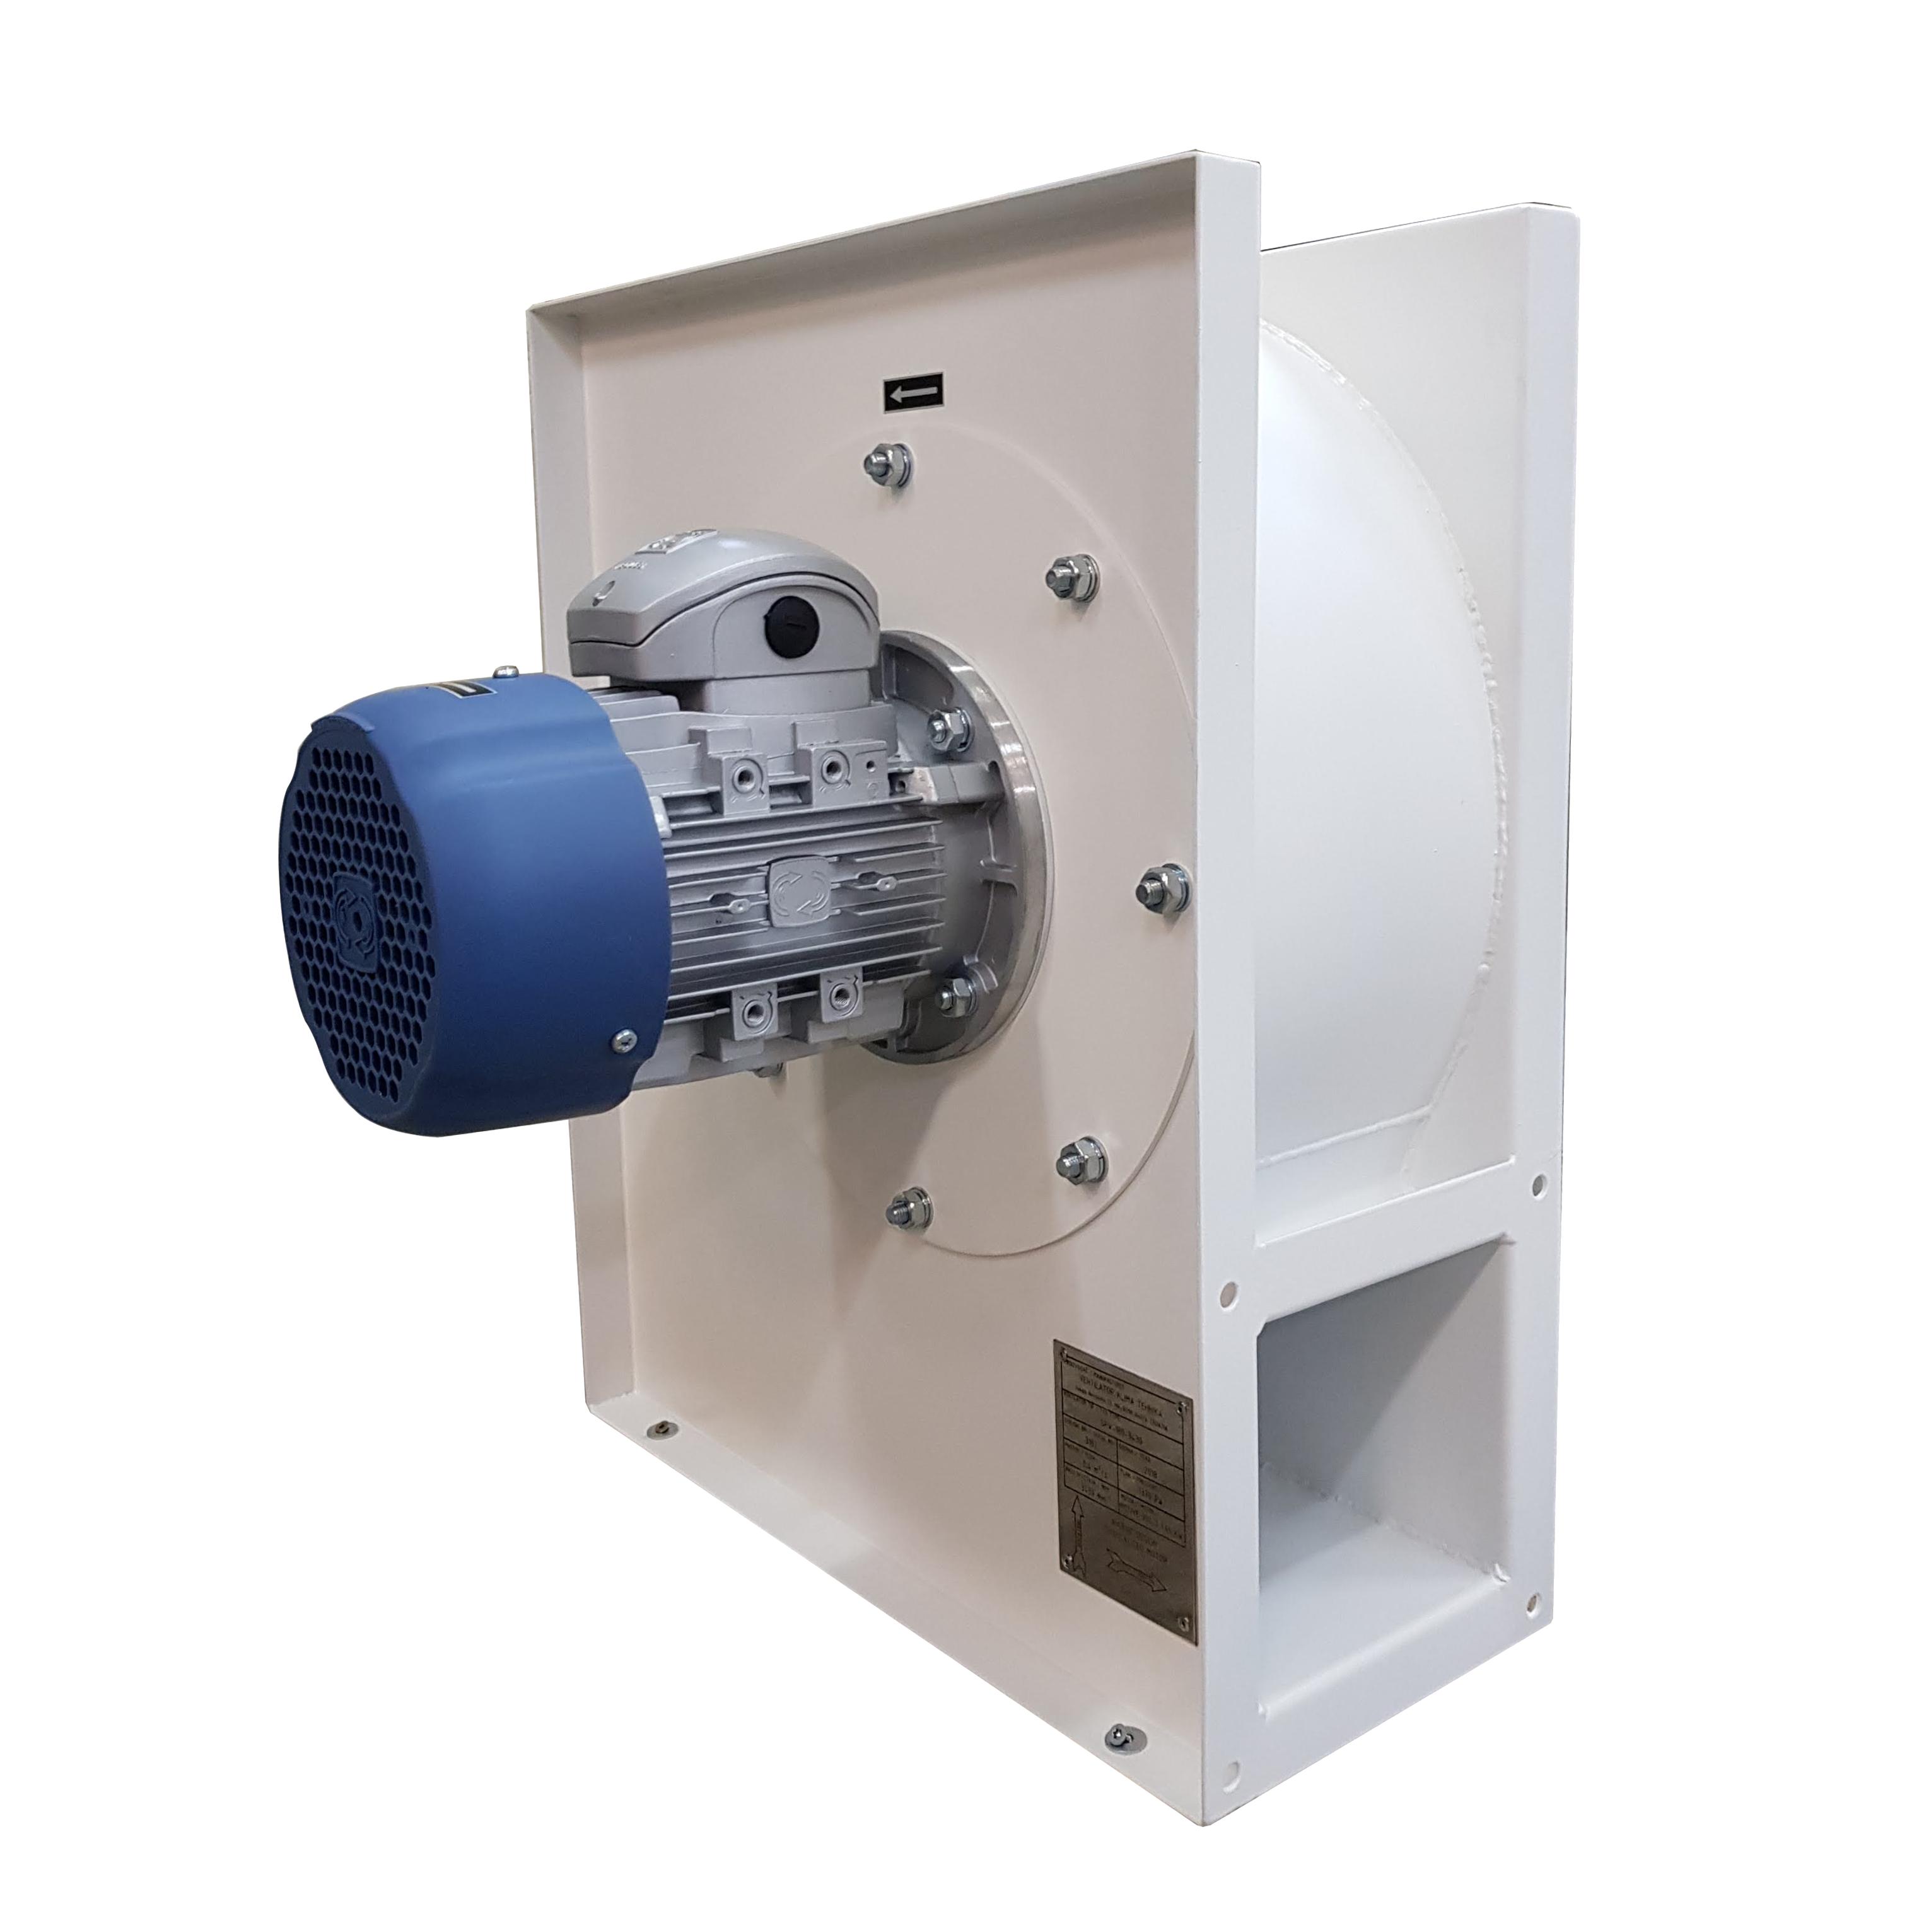 Specijalna izvedba NVT centrifugalni ventilatori za brodogradilišta